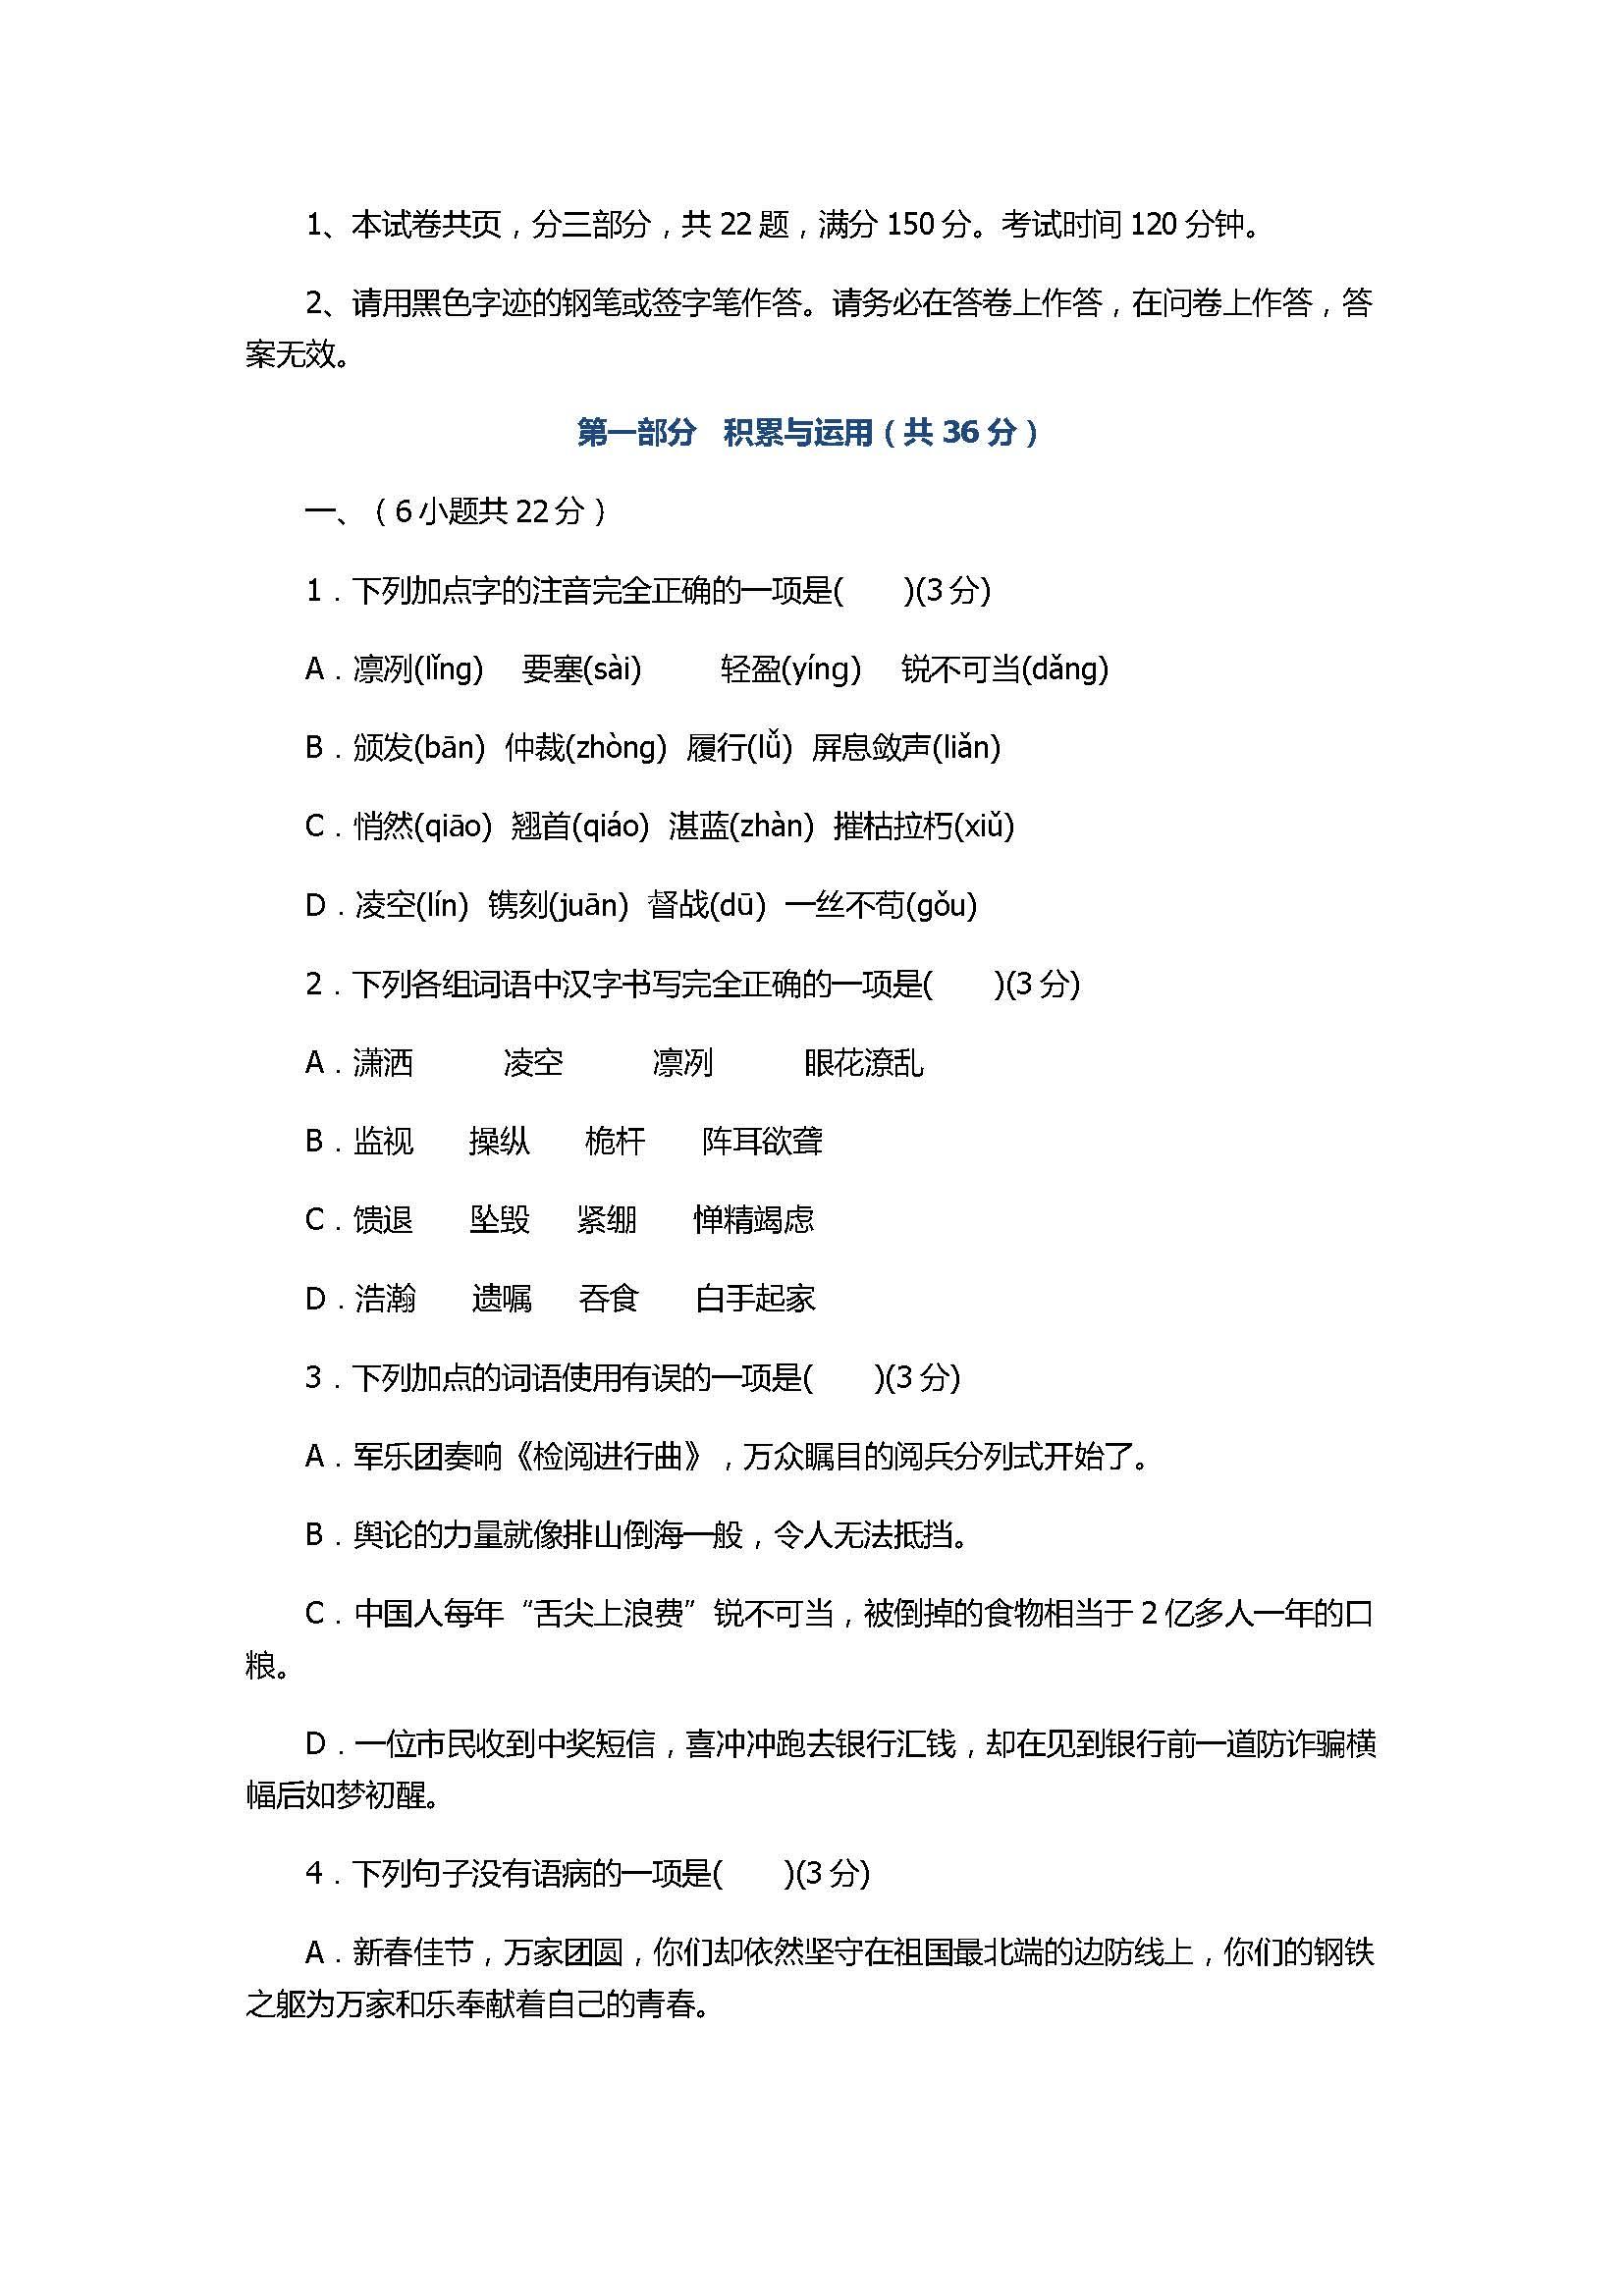 2017八年级上册语文联考测试卷附参考答案(桃园中学)